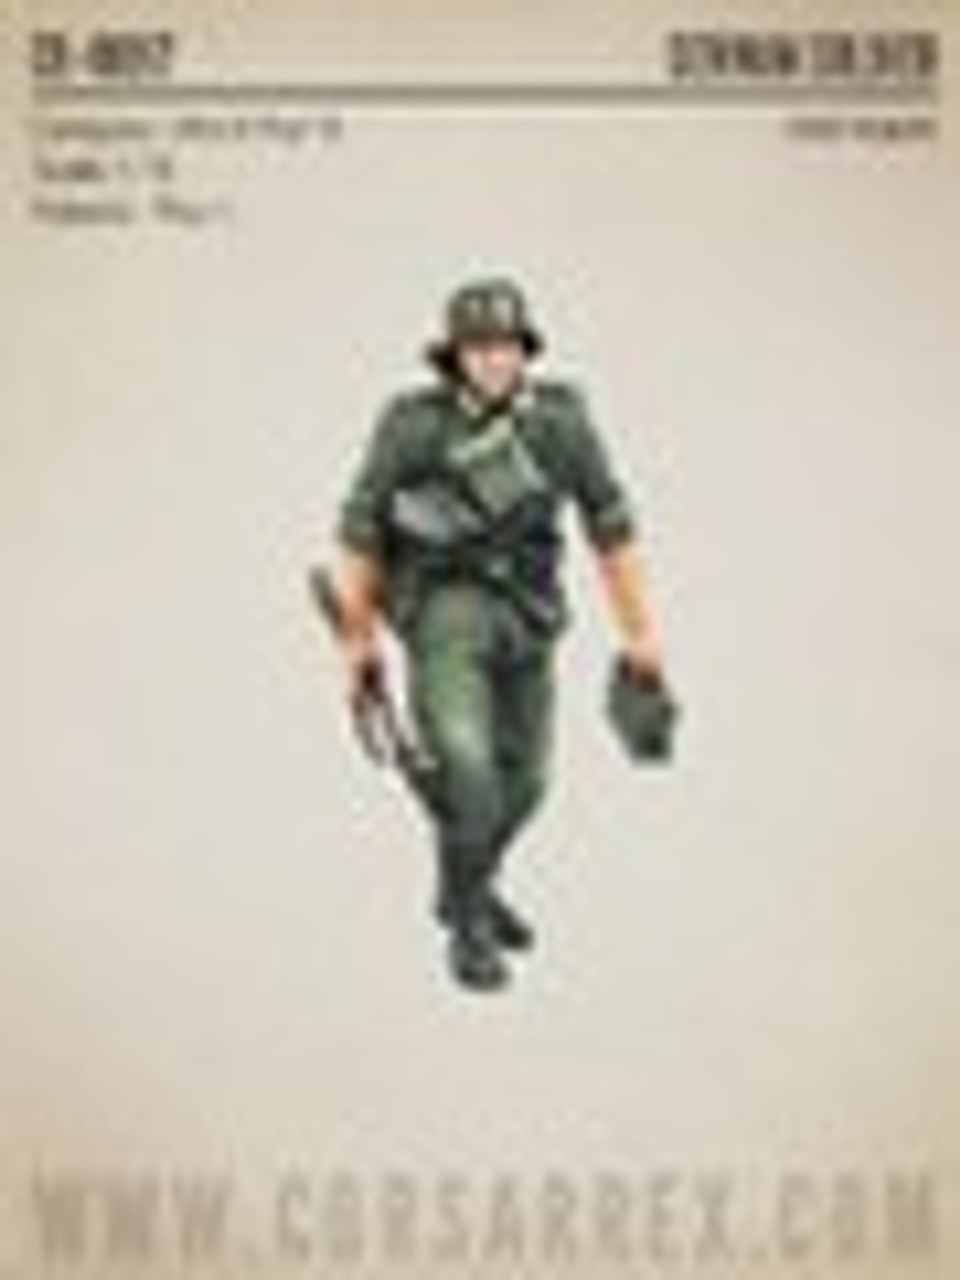 1/48 Troops